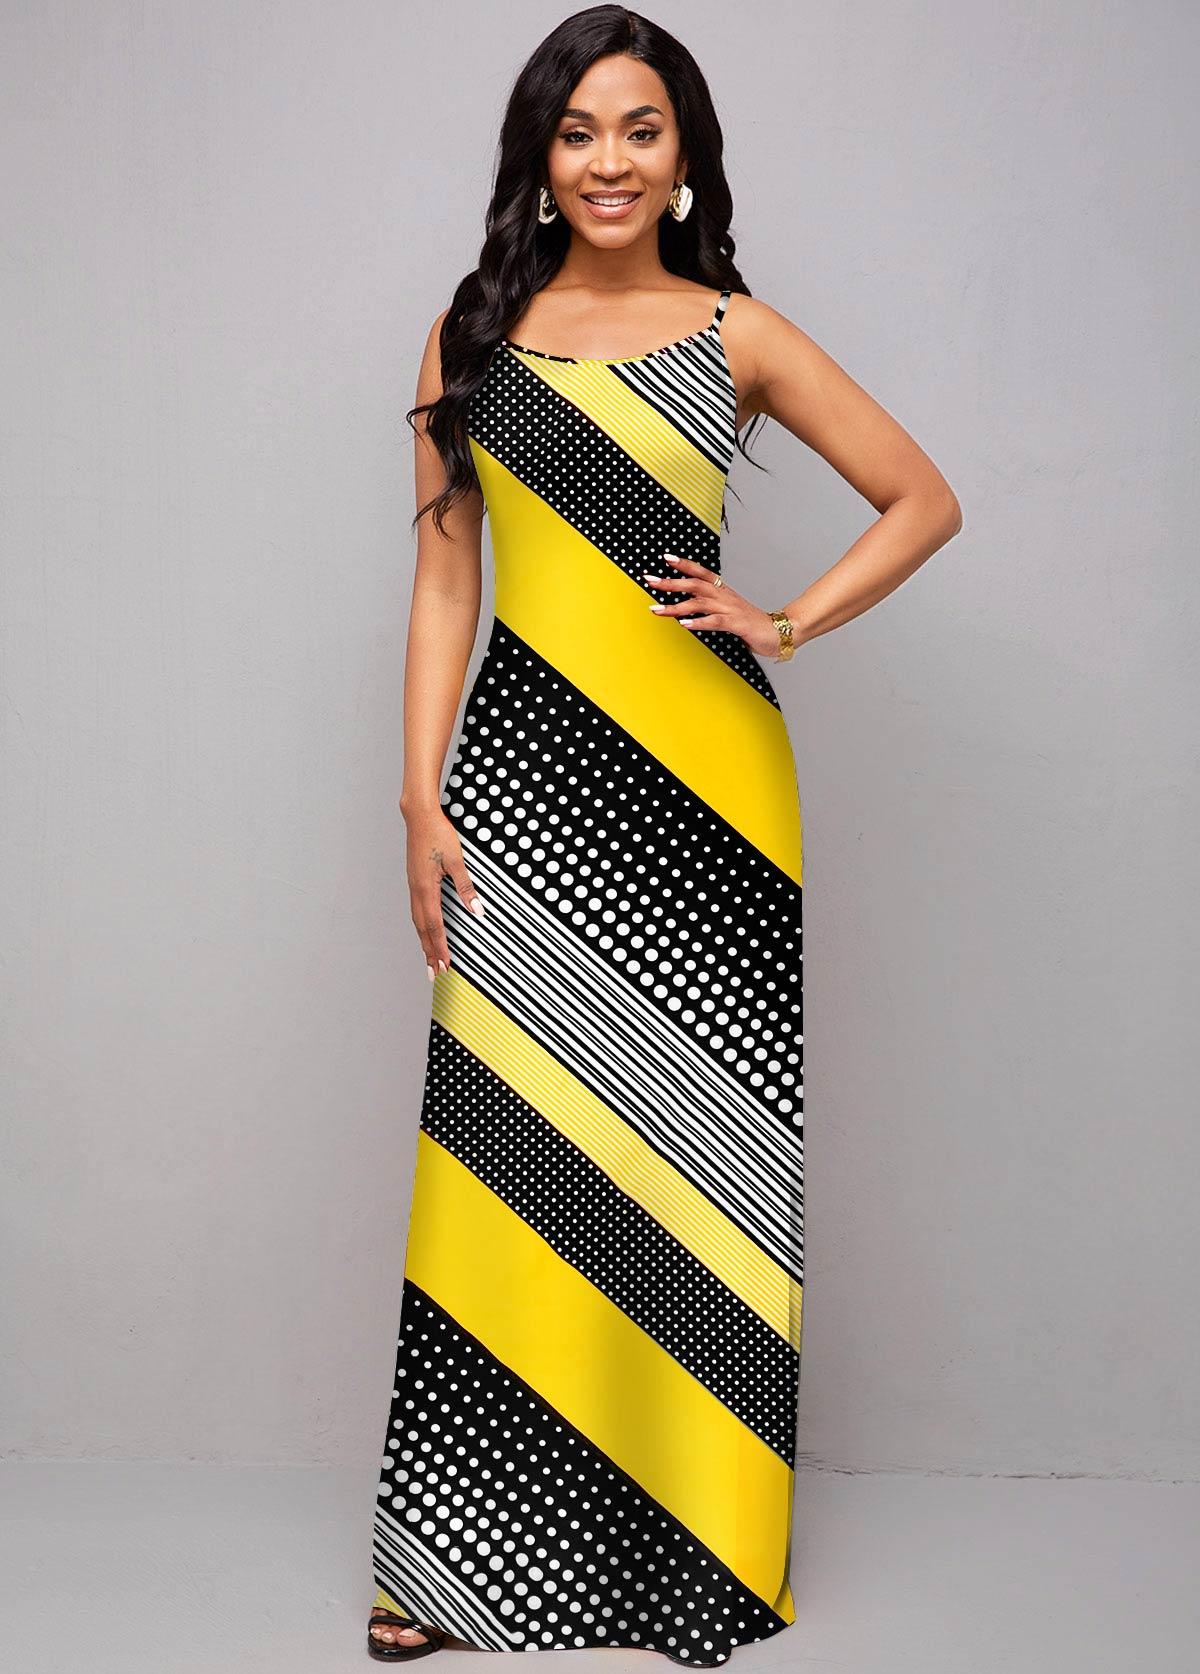 ROTITA Moroccan Print Spaghetti Strap Maxi Dress